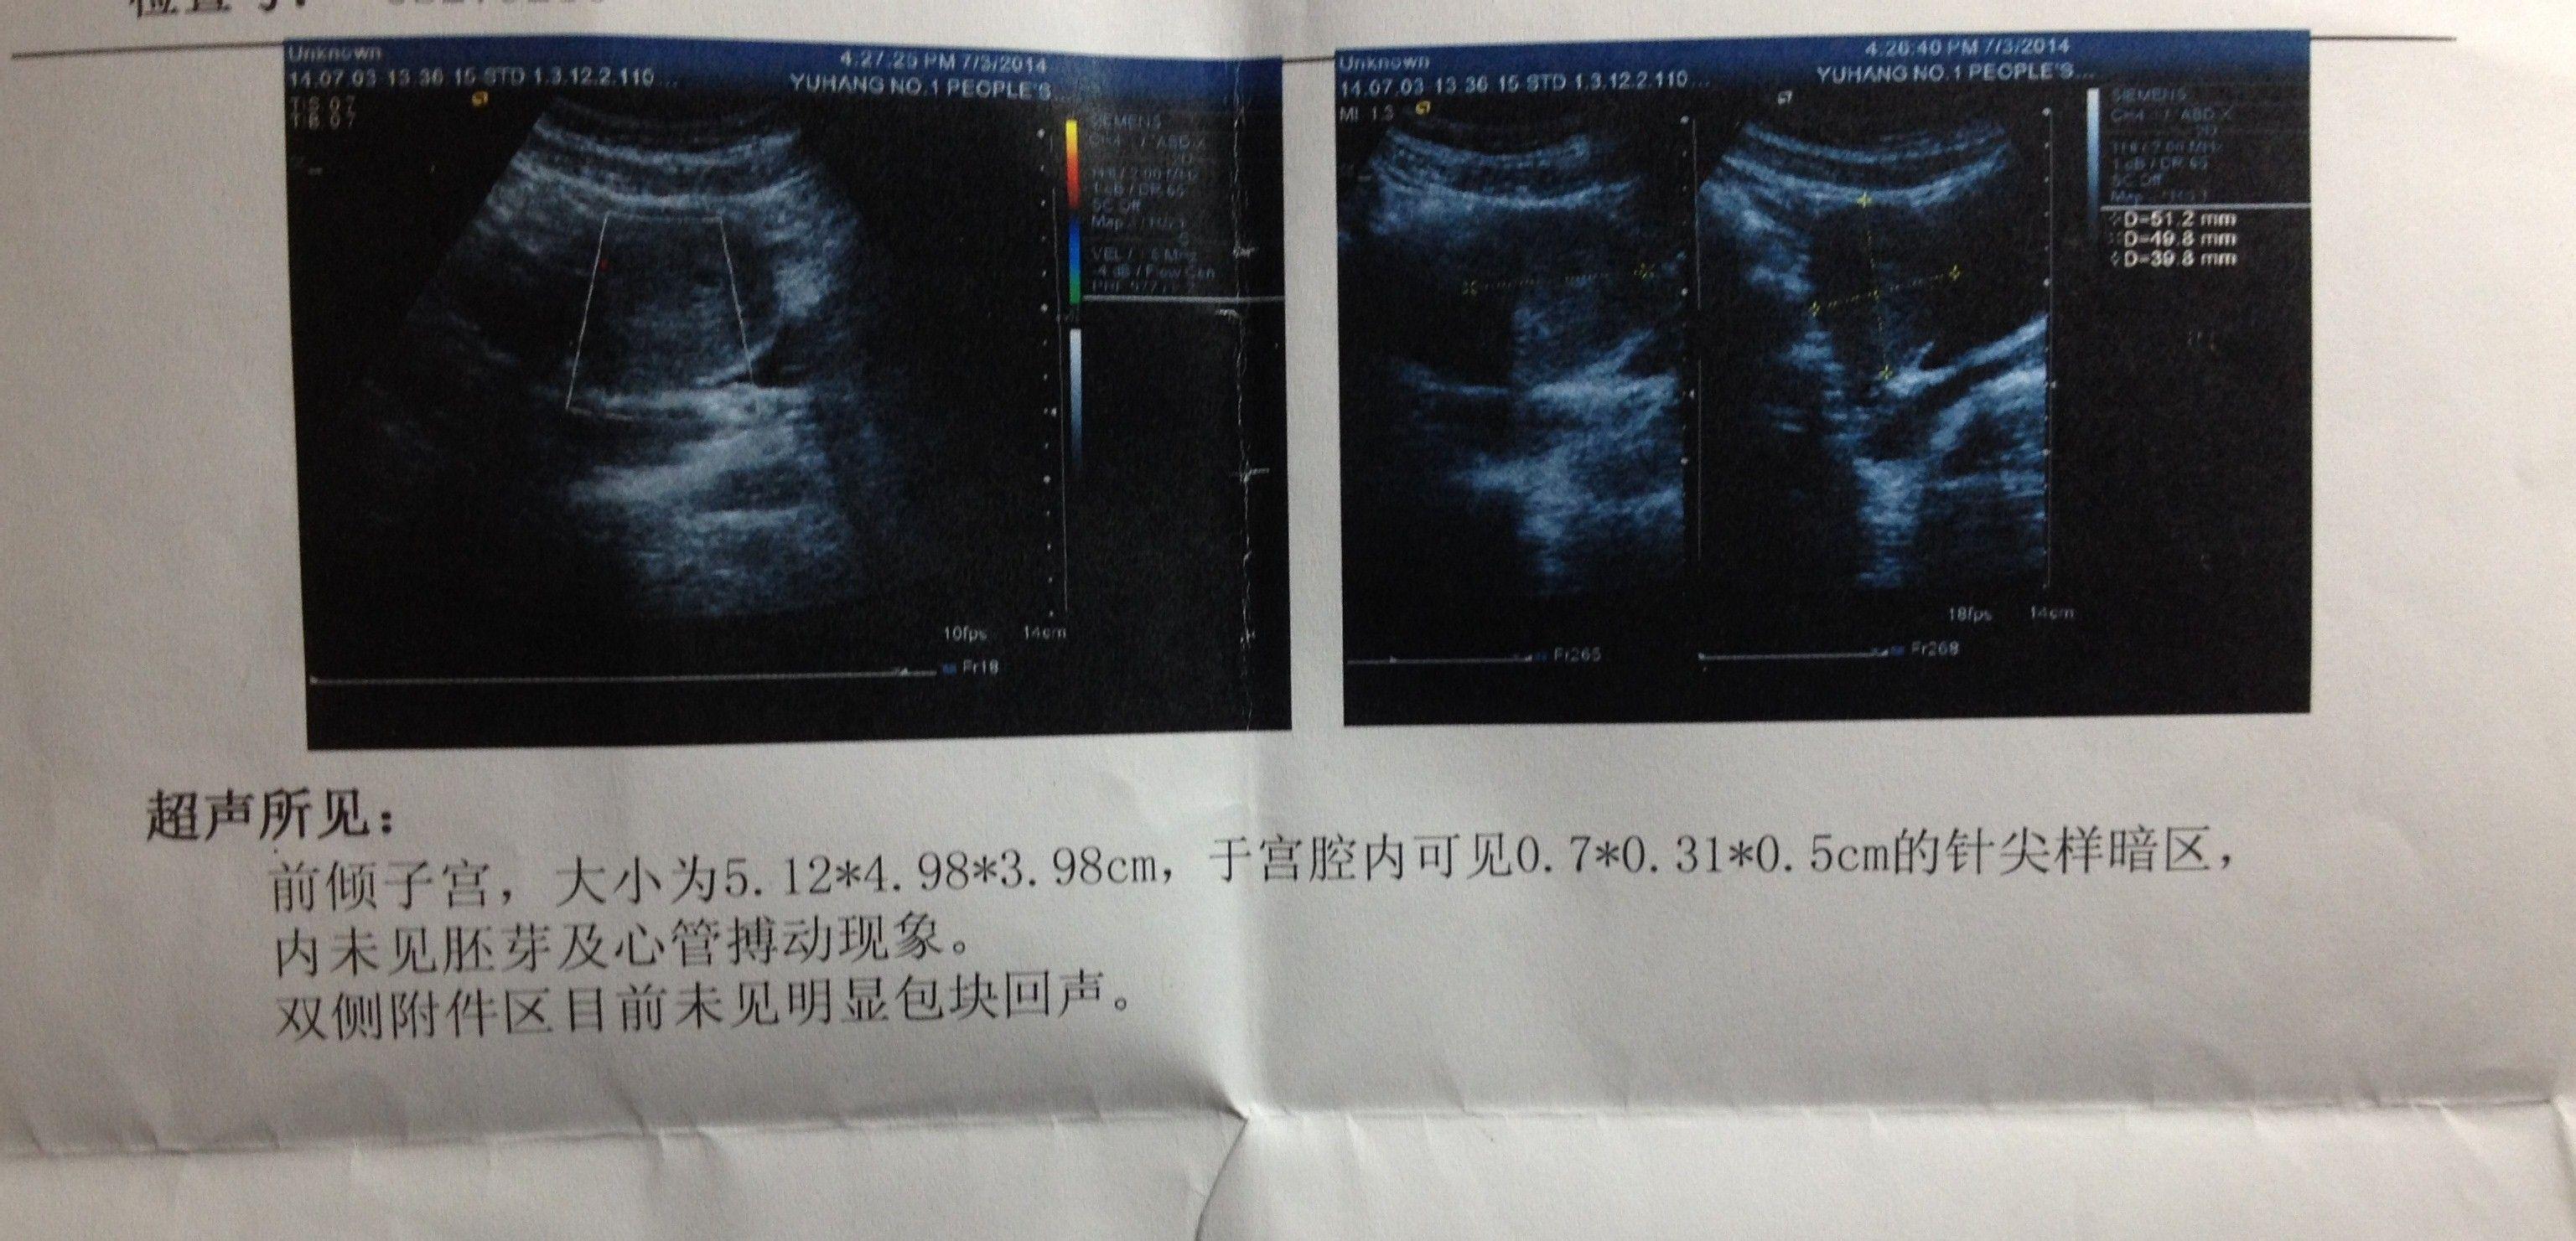 胎儿每月发育图_一到十月的胎儿发育图-双胞胎肚子每月变化图_一到十月胎位图